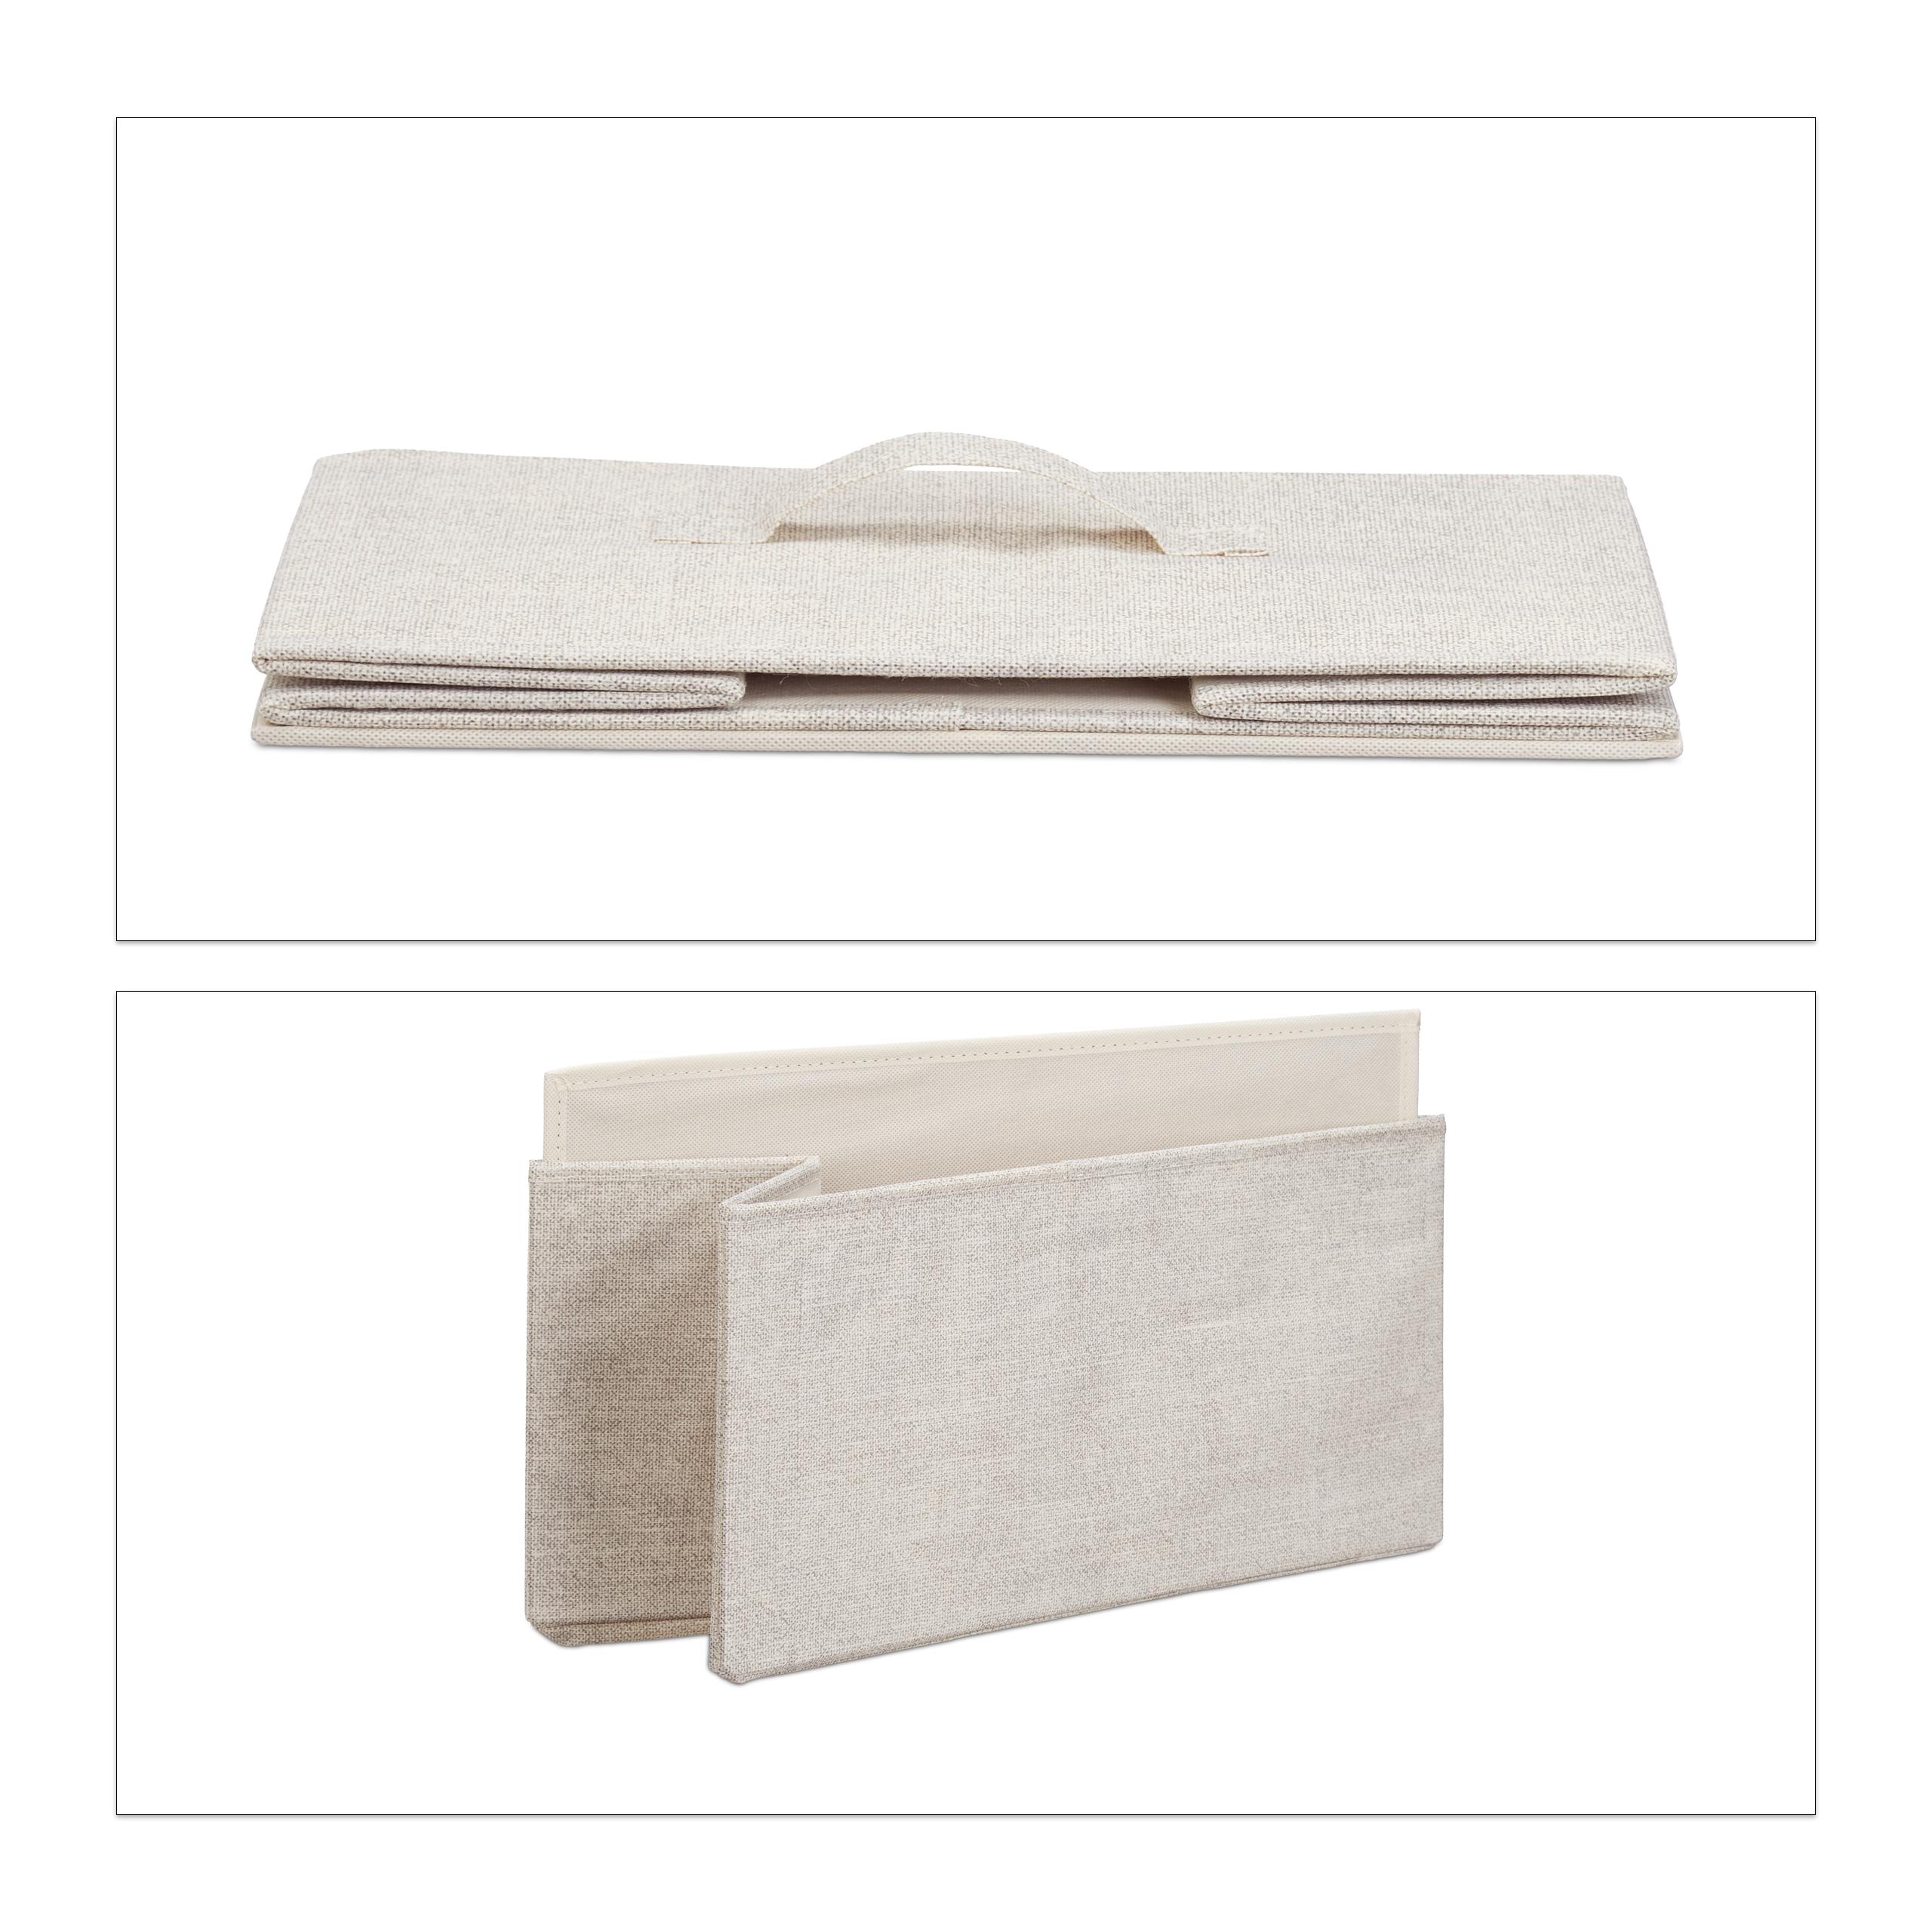 Schubladen Kommode Beige Standregal Schubladenbox Regal Regalsystem Metall